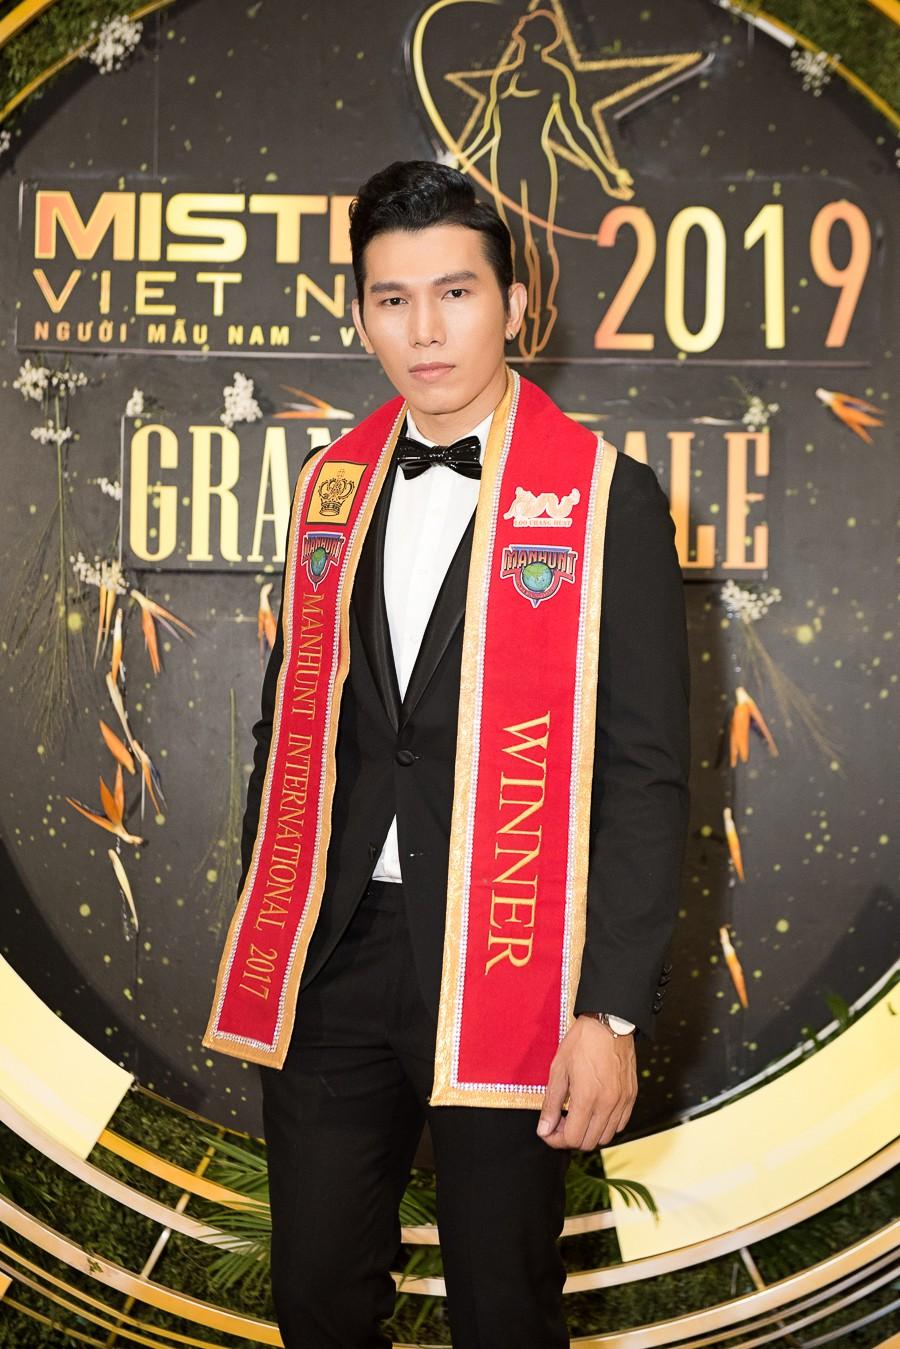 Nam Vương Ngọc Tình- trưởng ban tổ chức cuộc thi